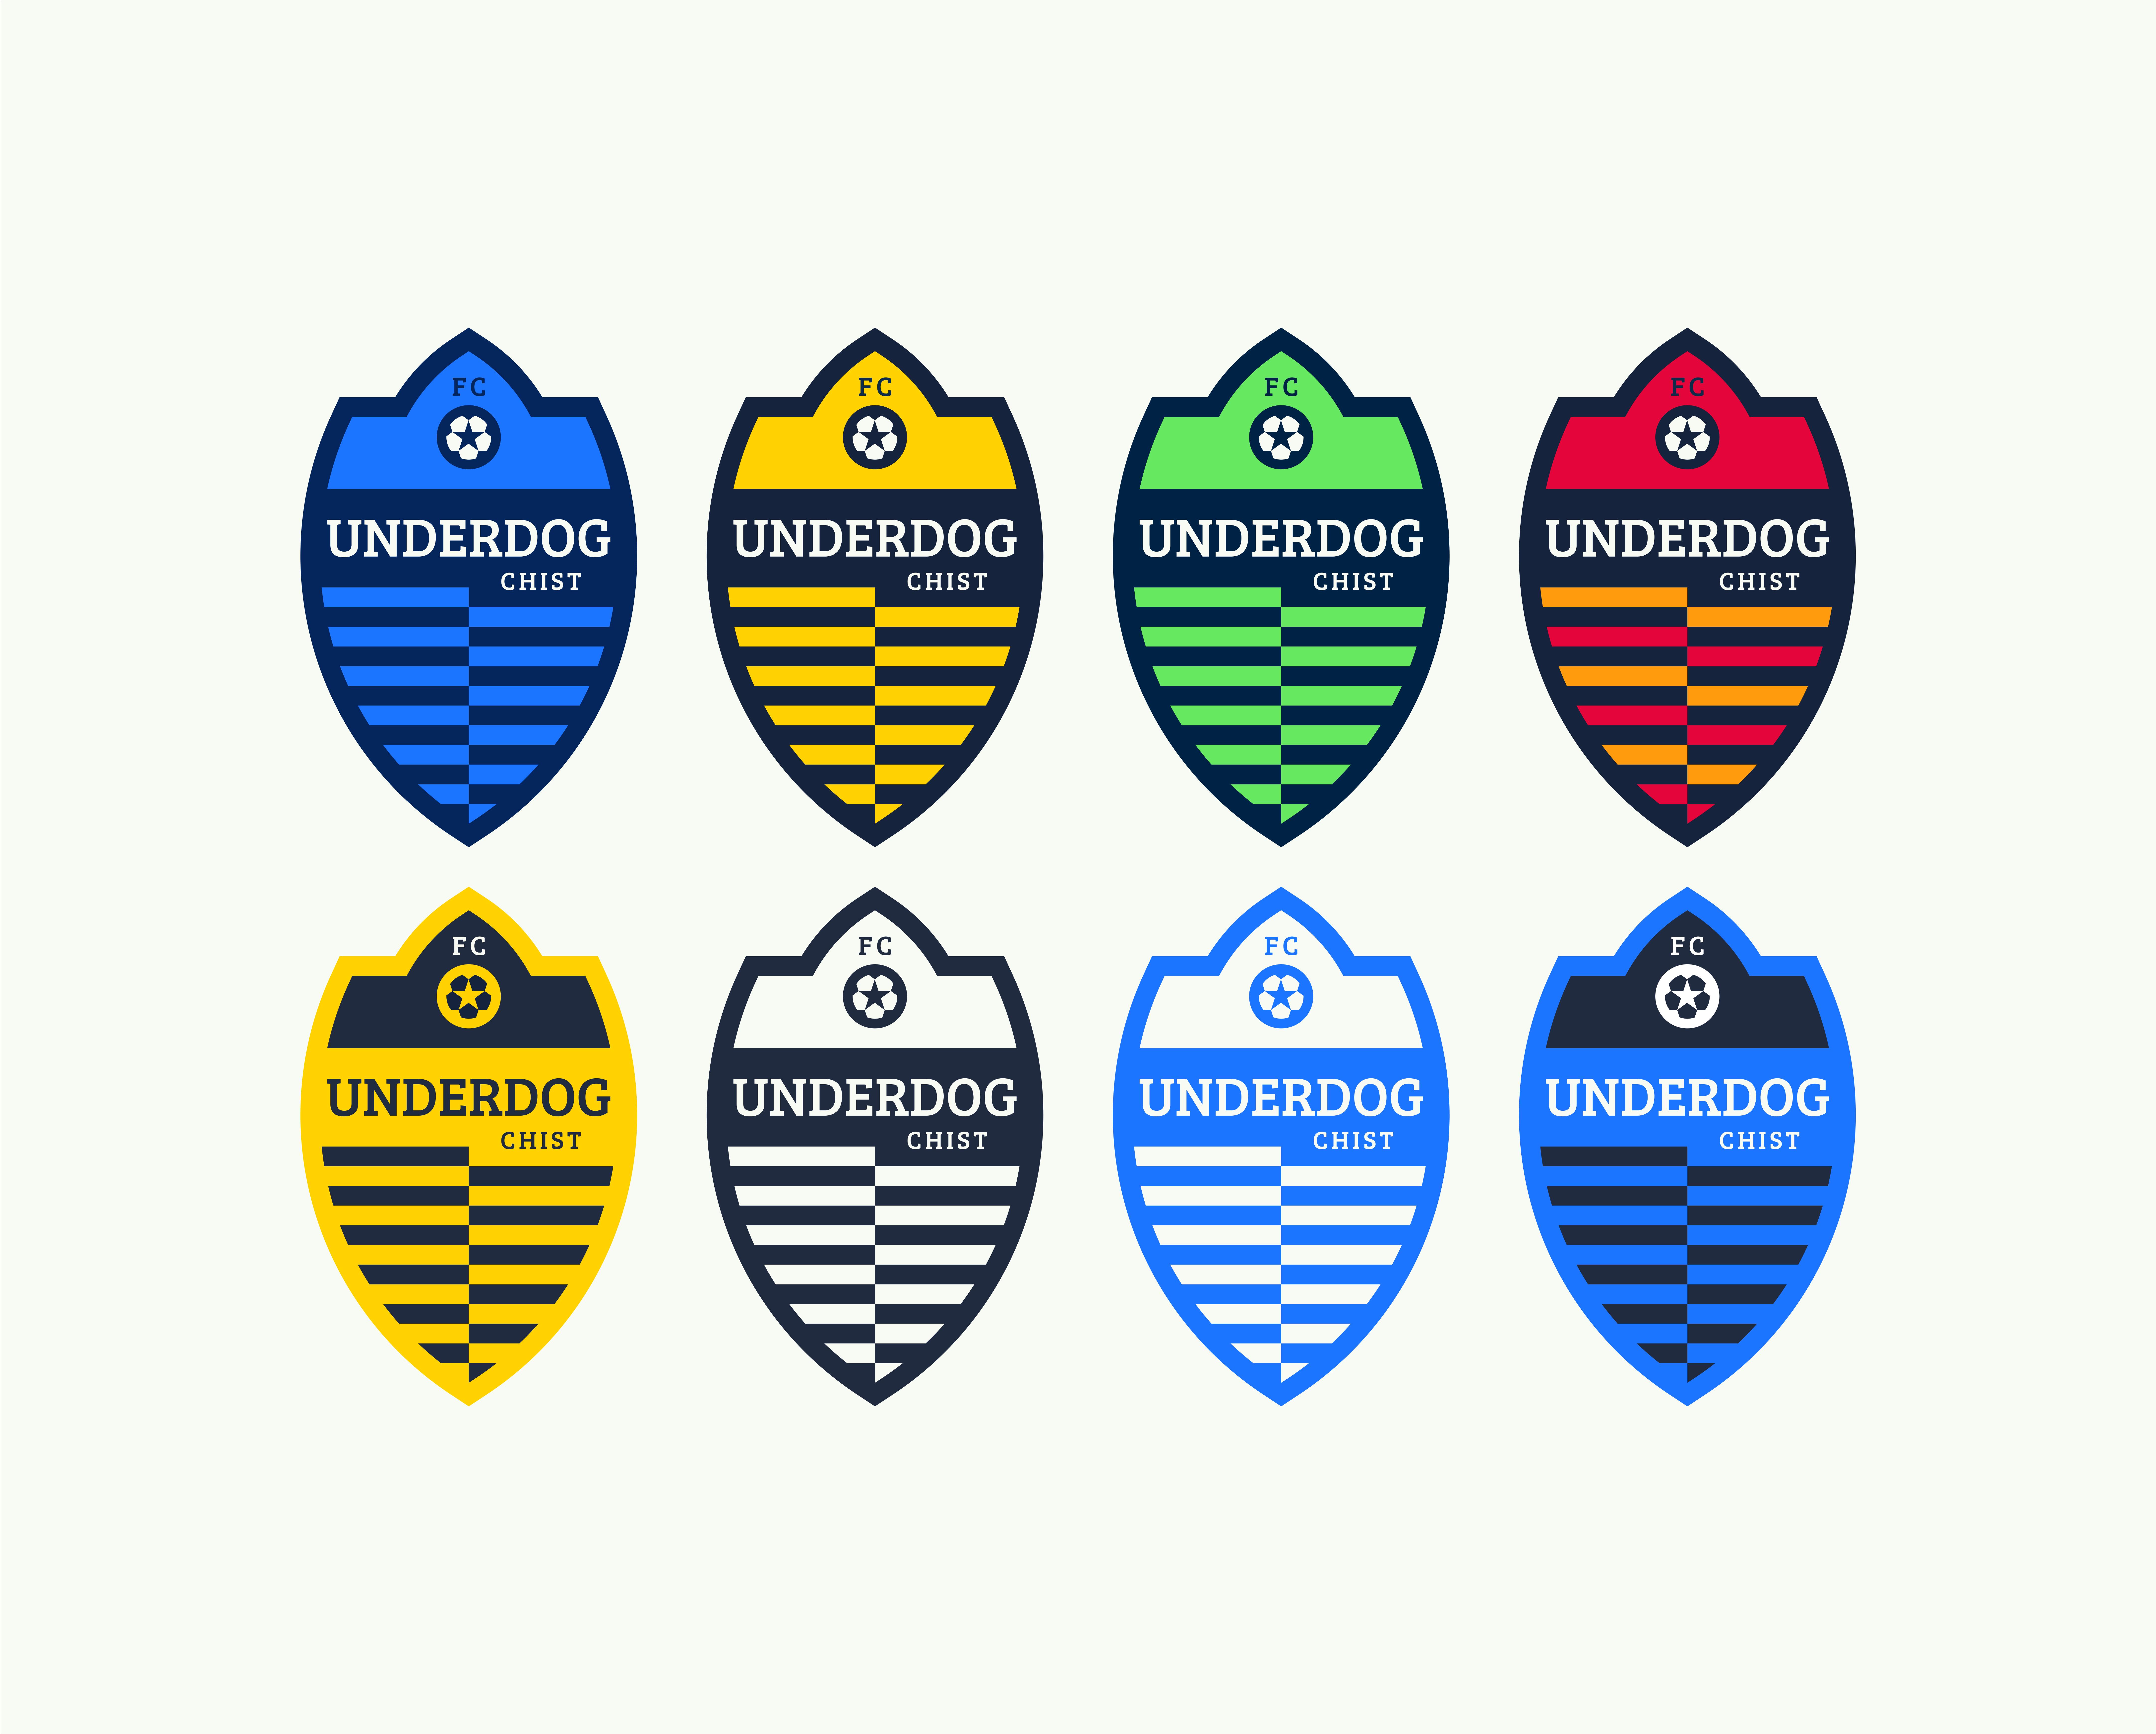 Футбольный клуб UNDERDOG - разработать фирстиль и бренд-бук фото f_1595cb3938463157.png